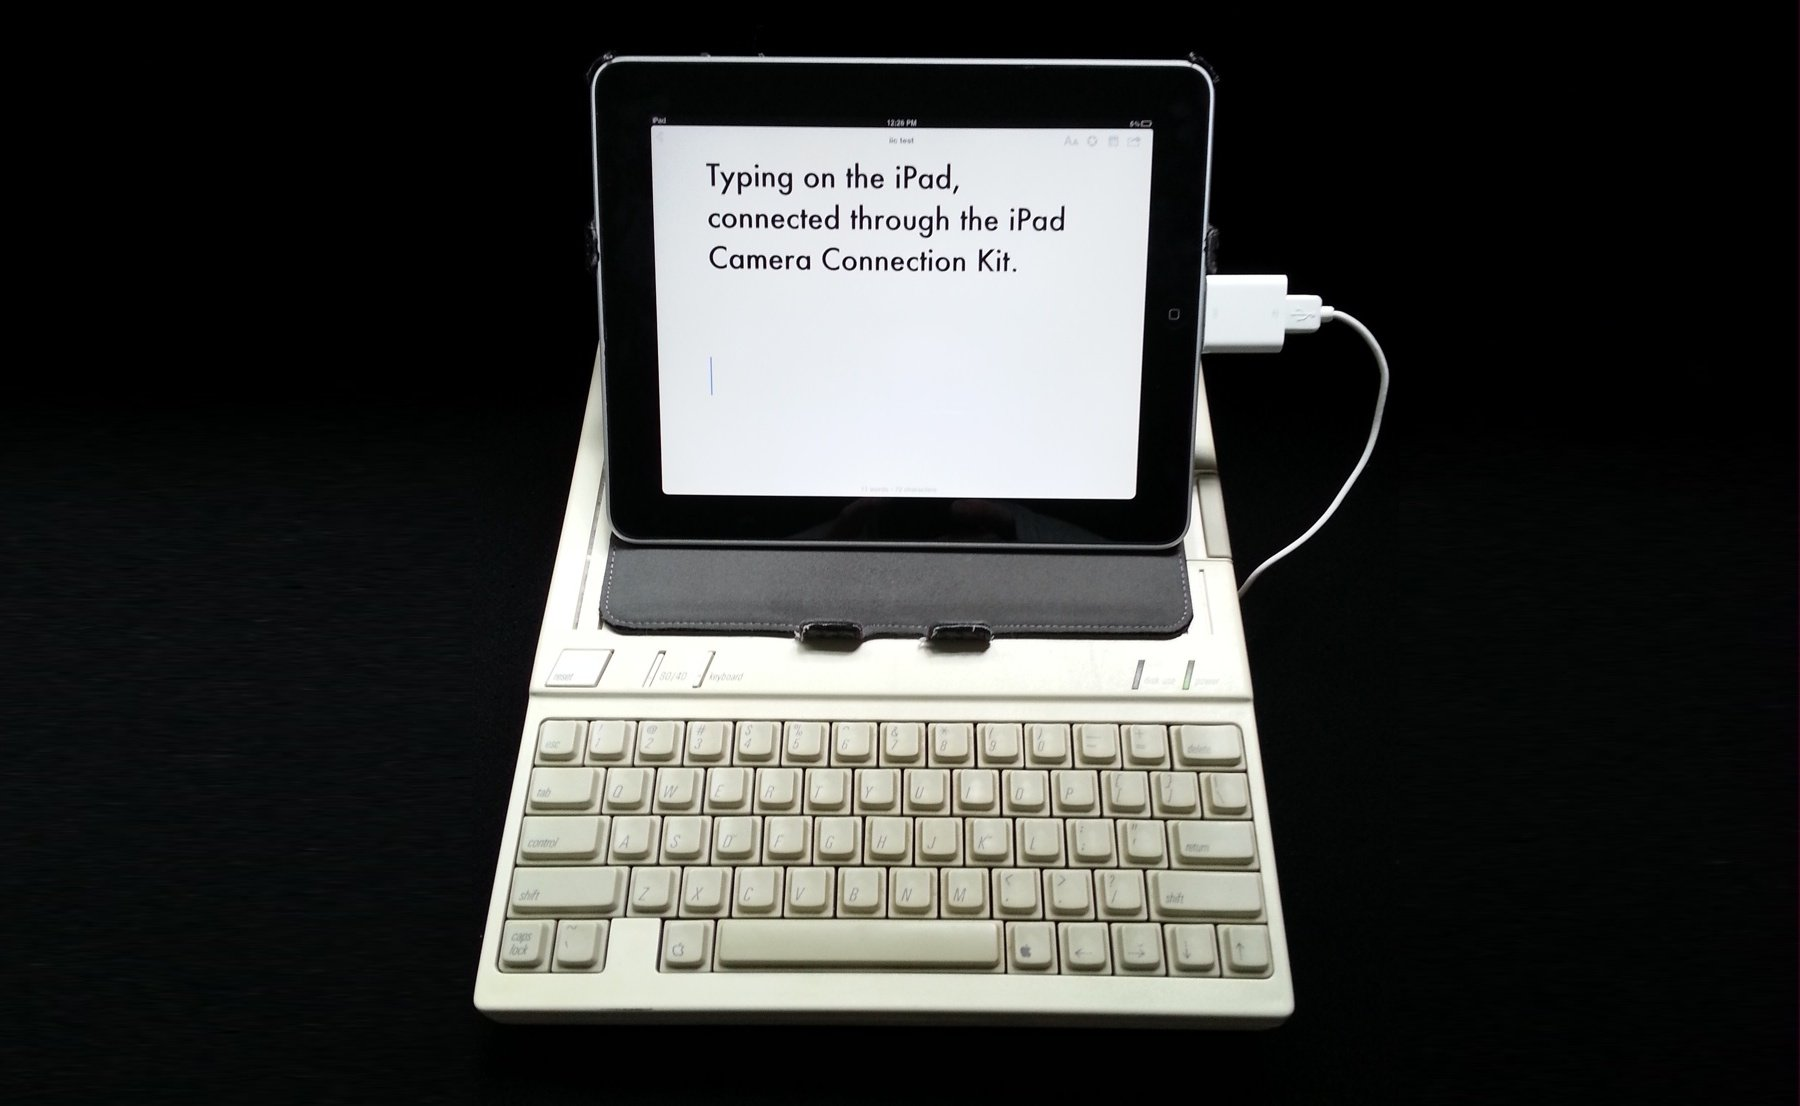 Hook up mac keyboard to ipad